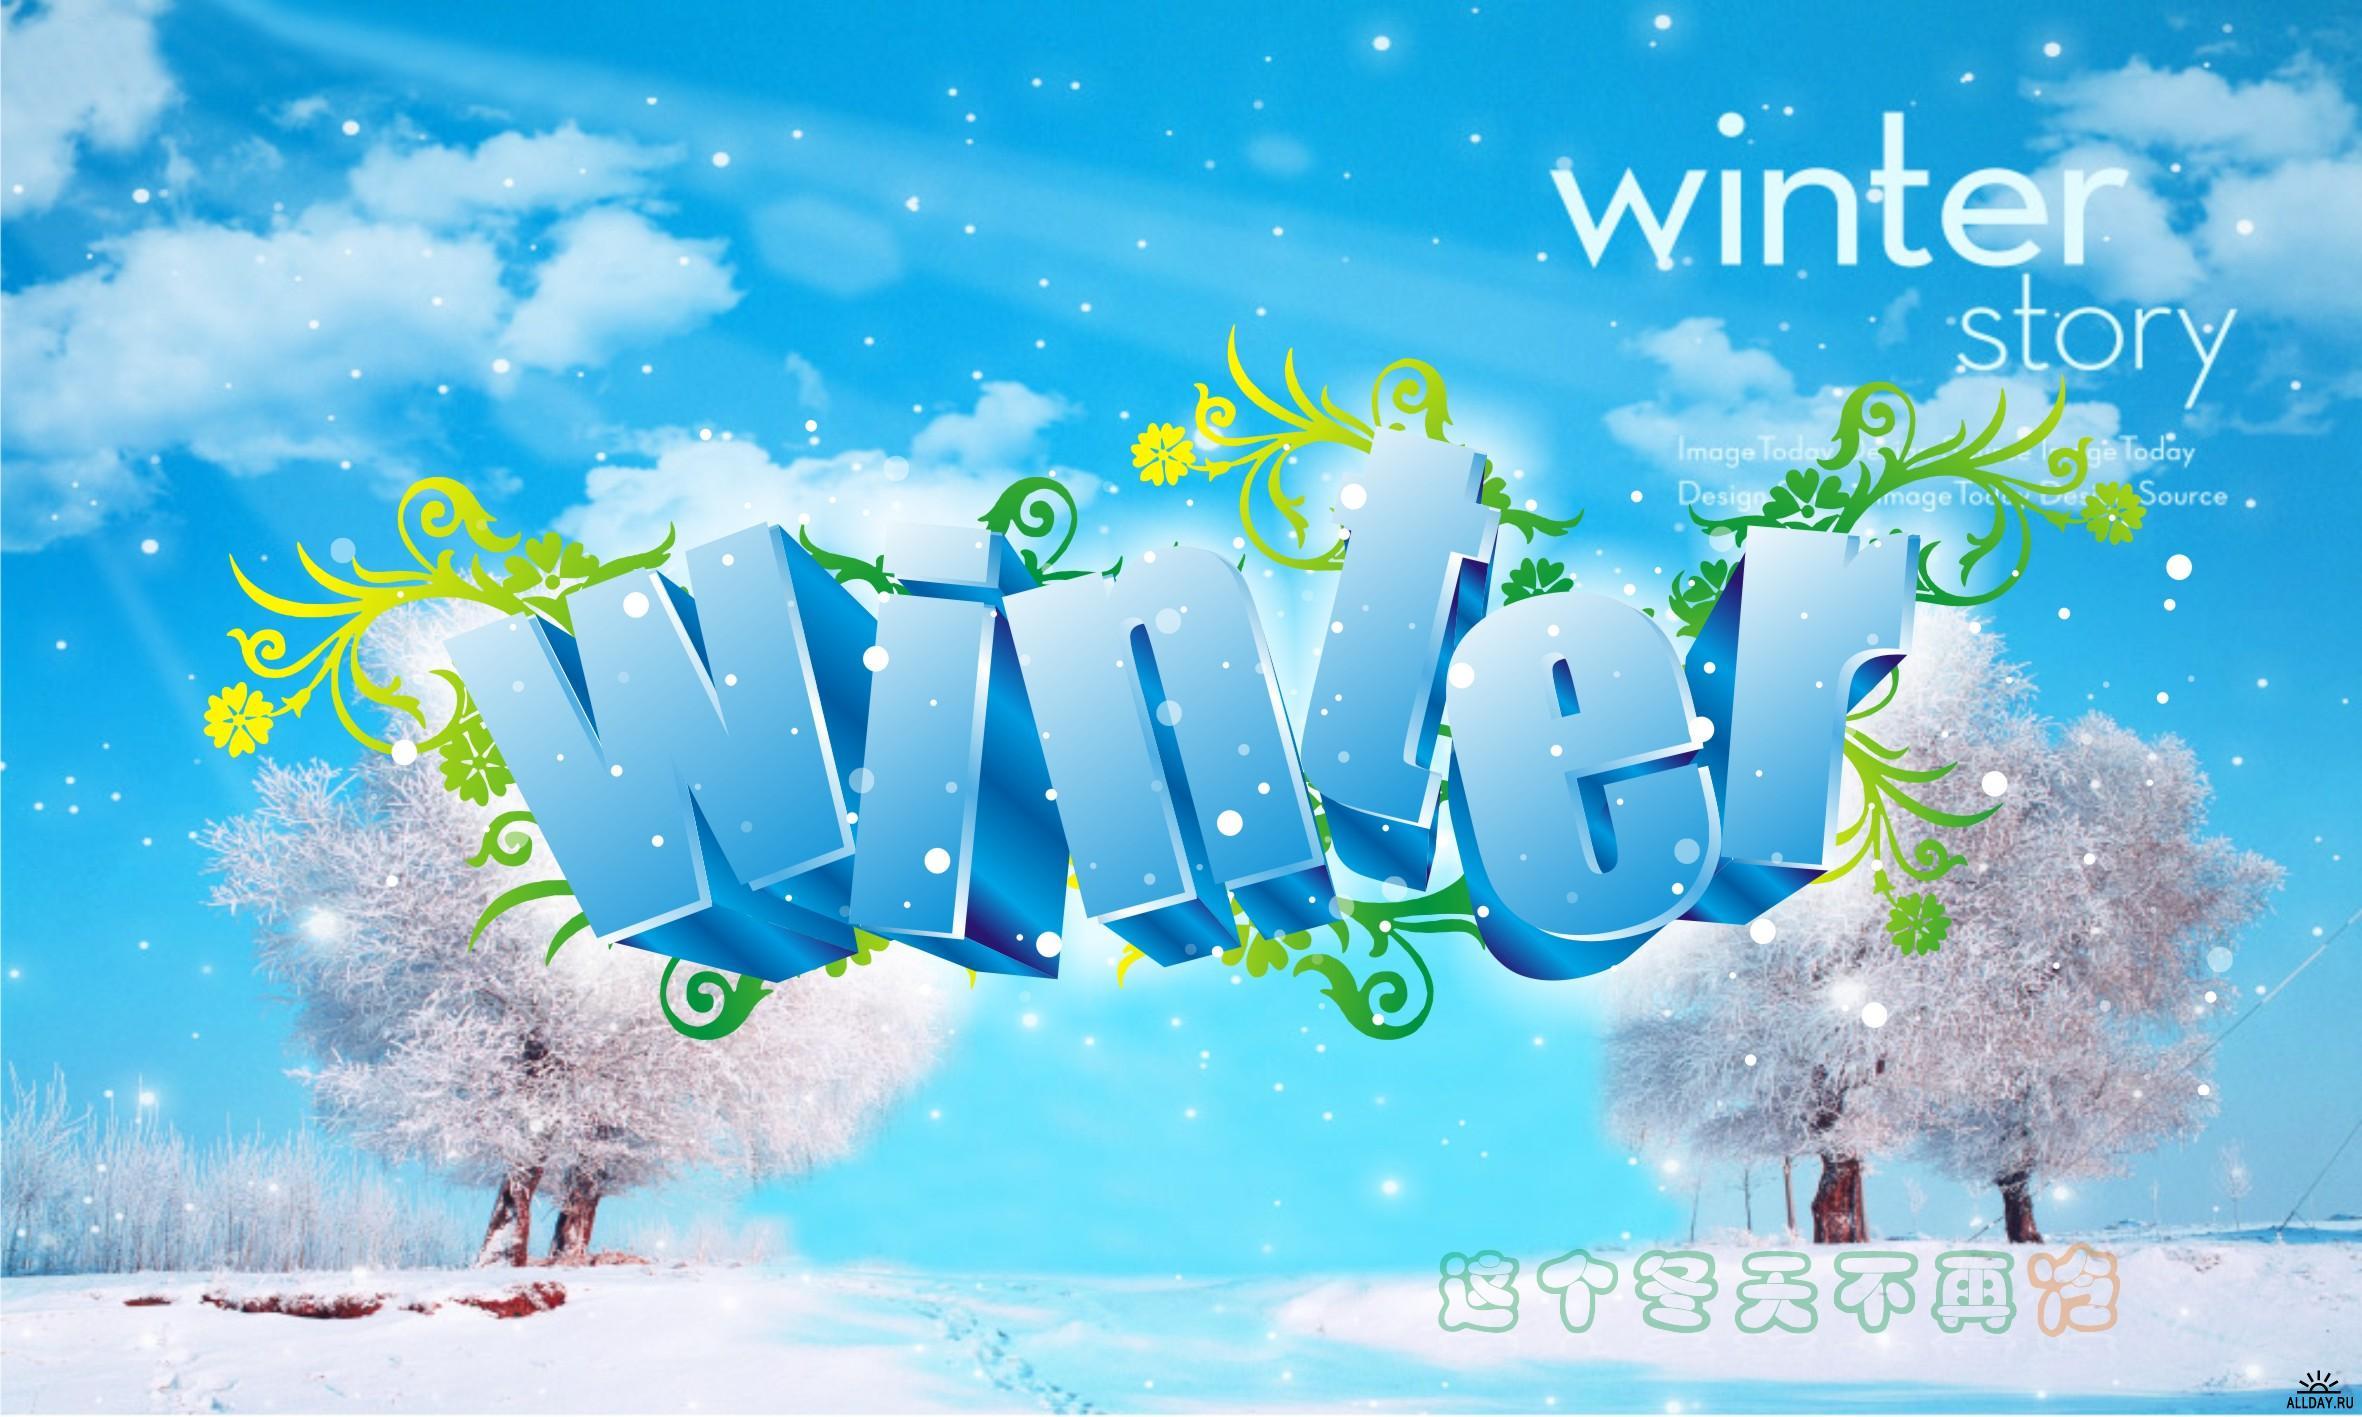 Winter wallpaper, зимние обои для рабочего стола, скачать фото, зима